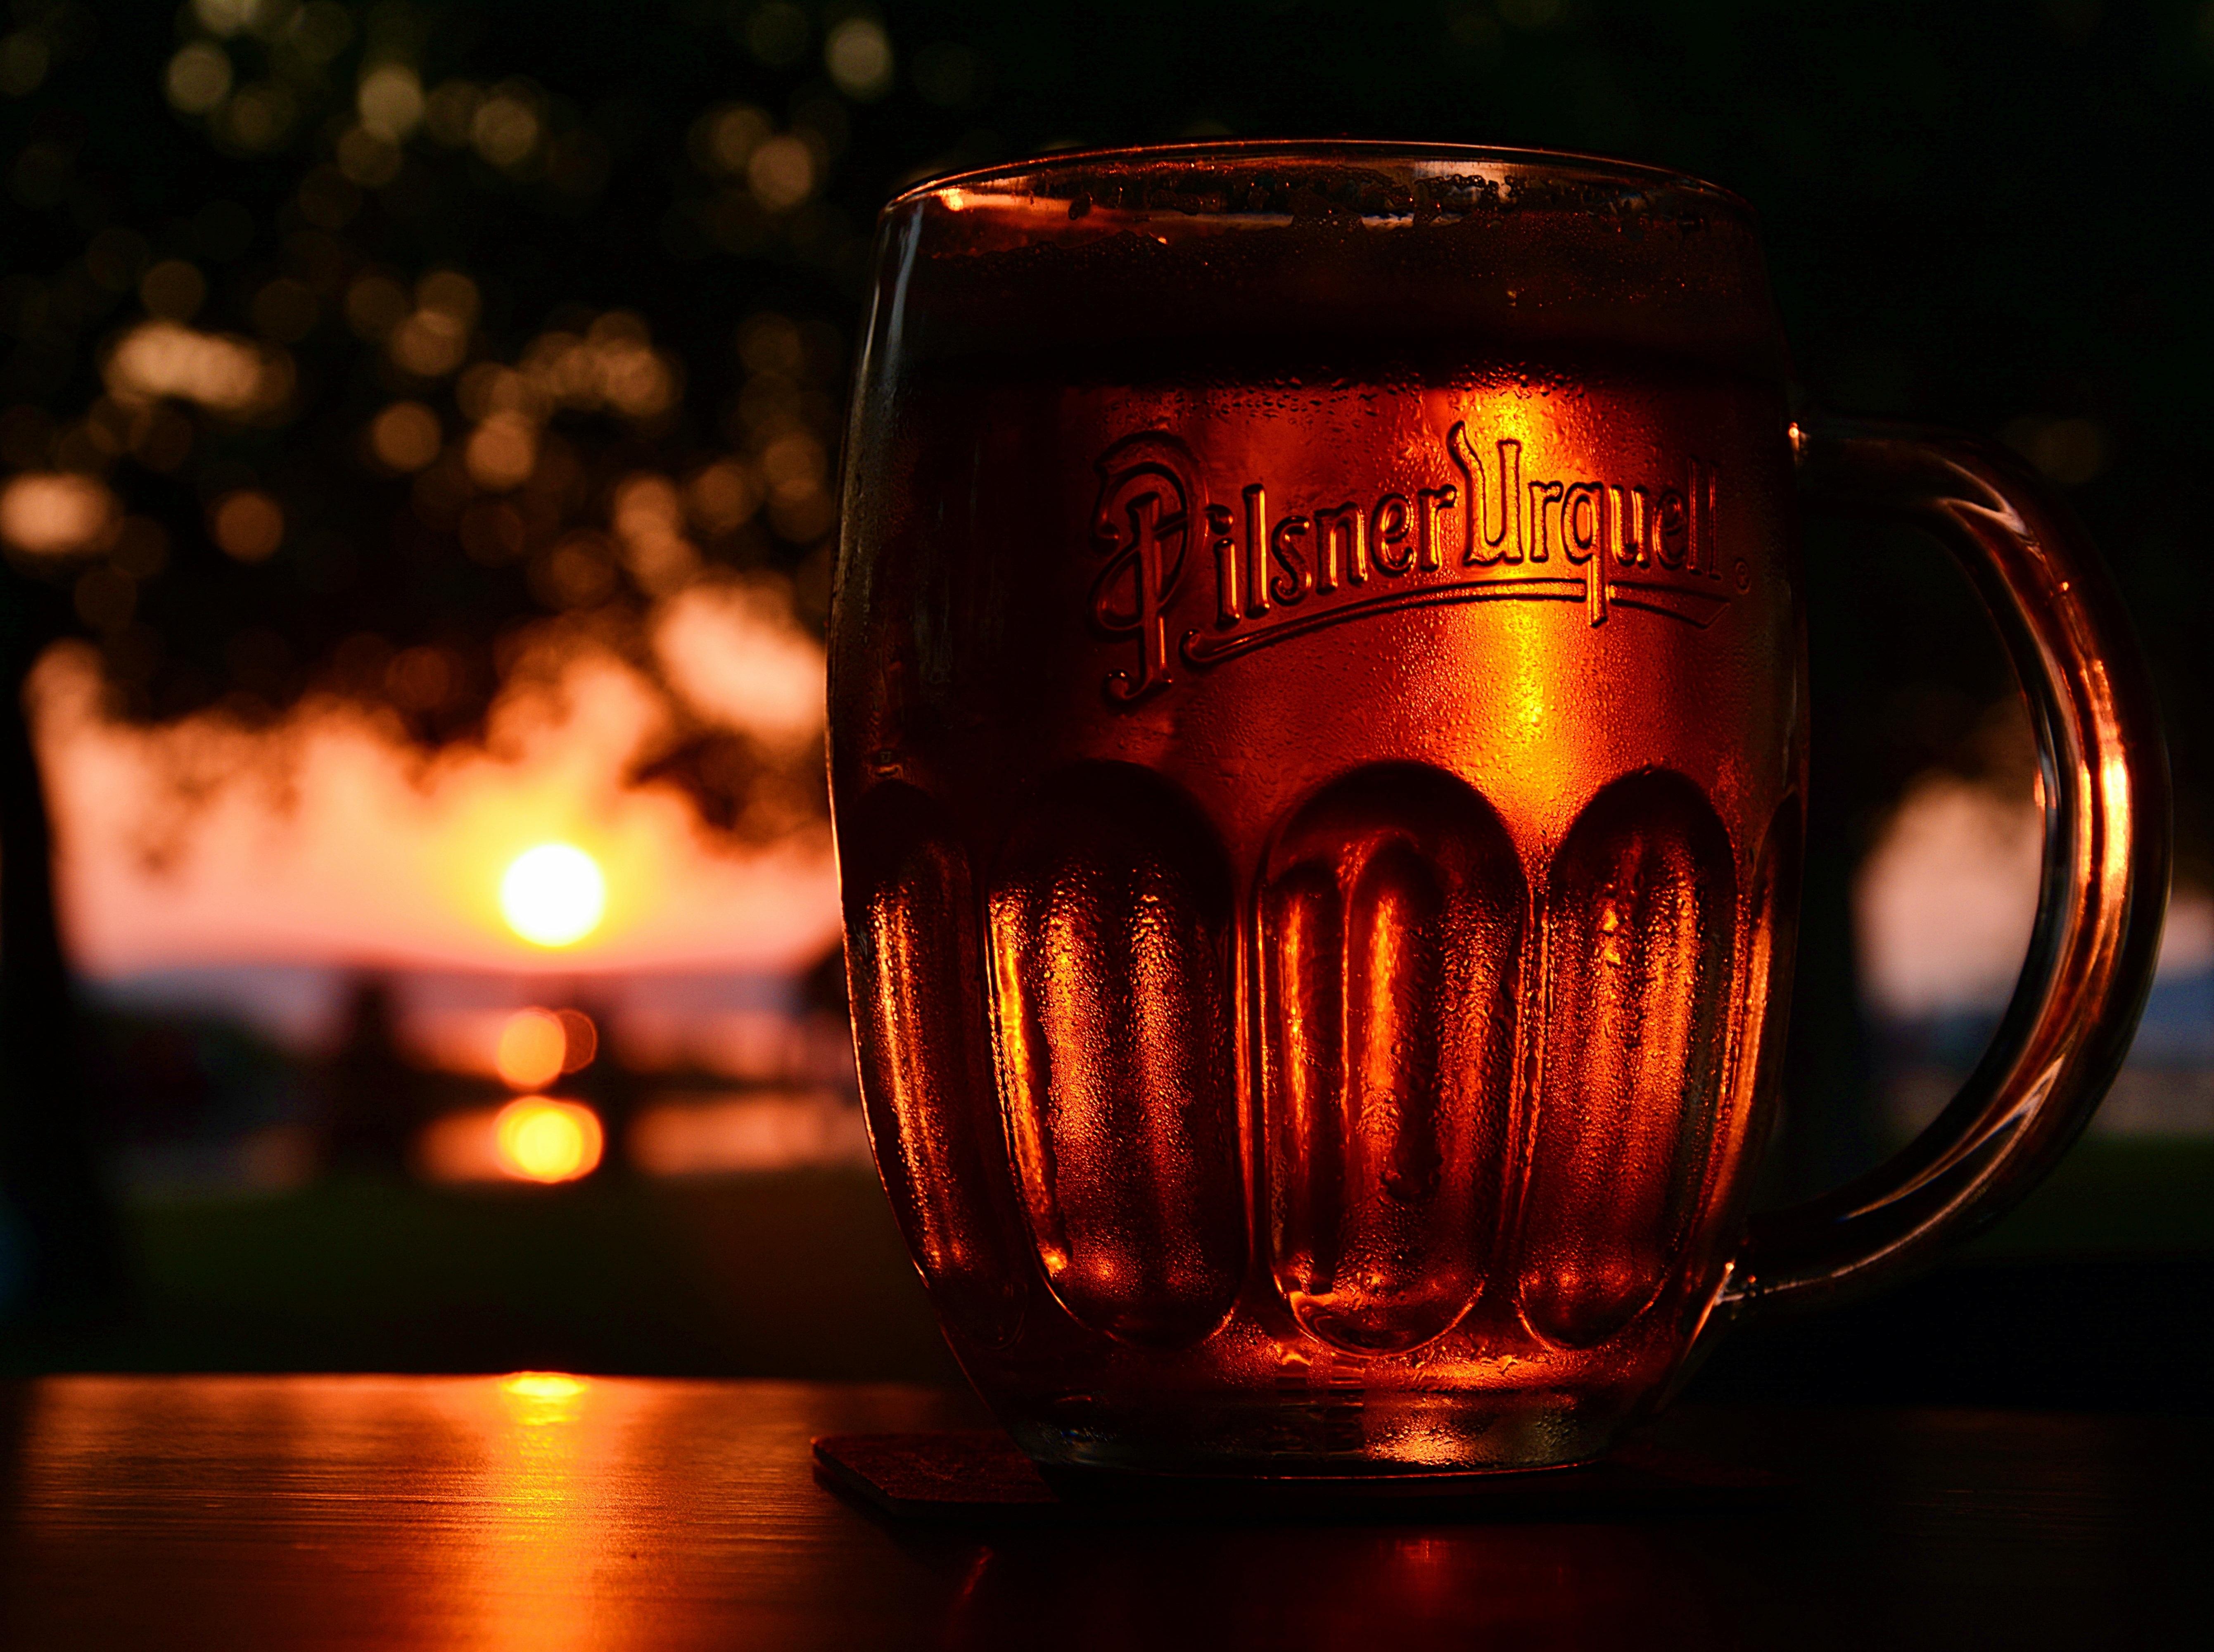 таких интерьерах добрый вечер картинки с пивом кино евгения